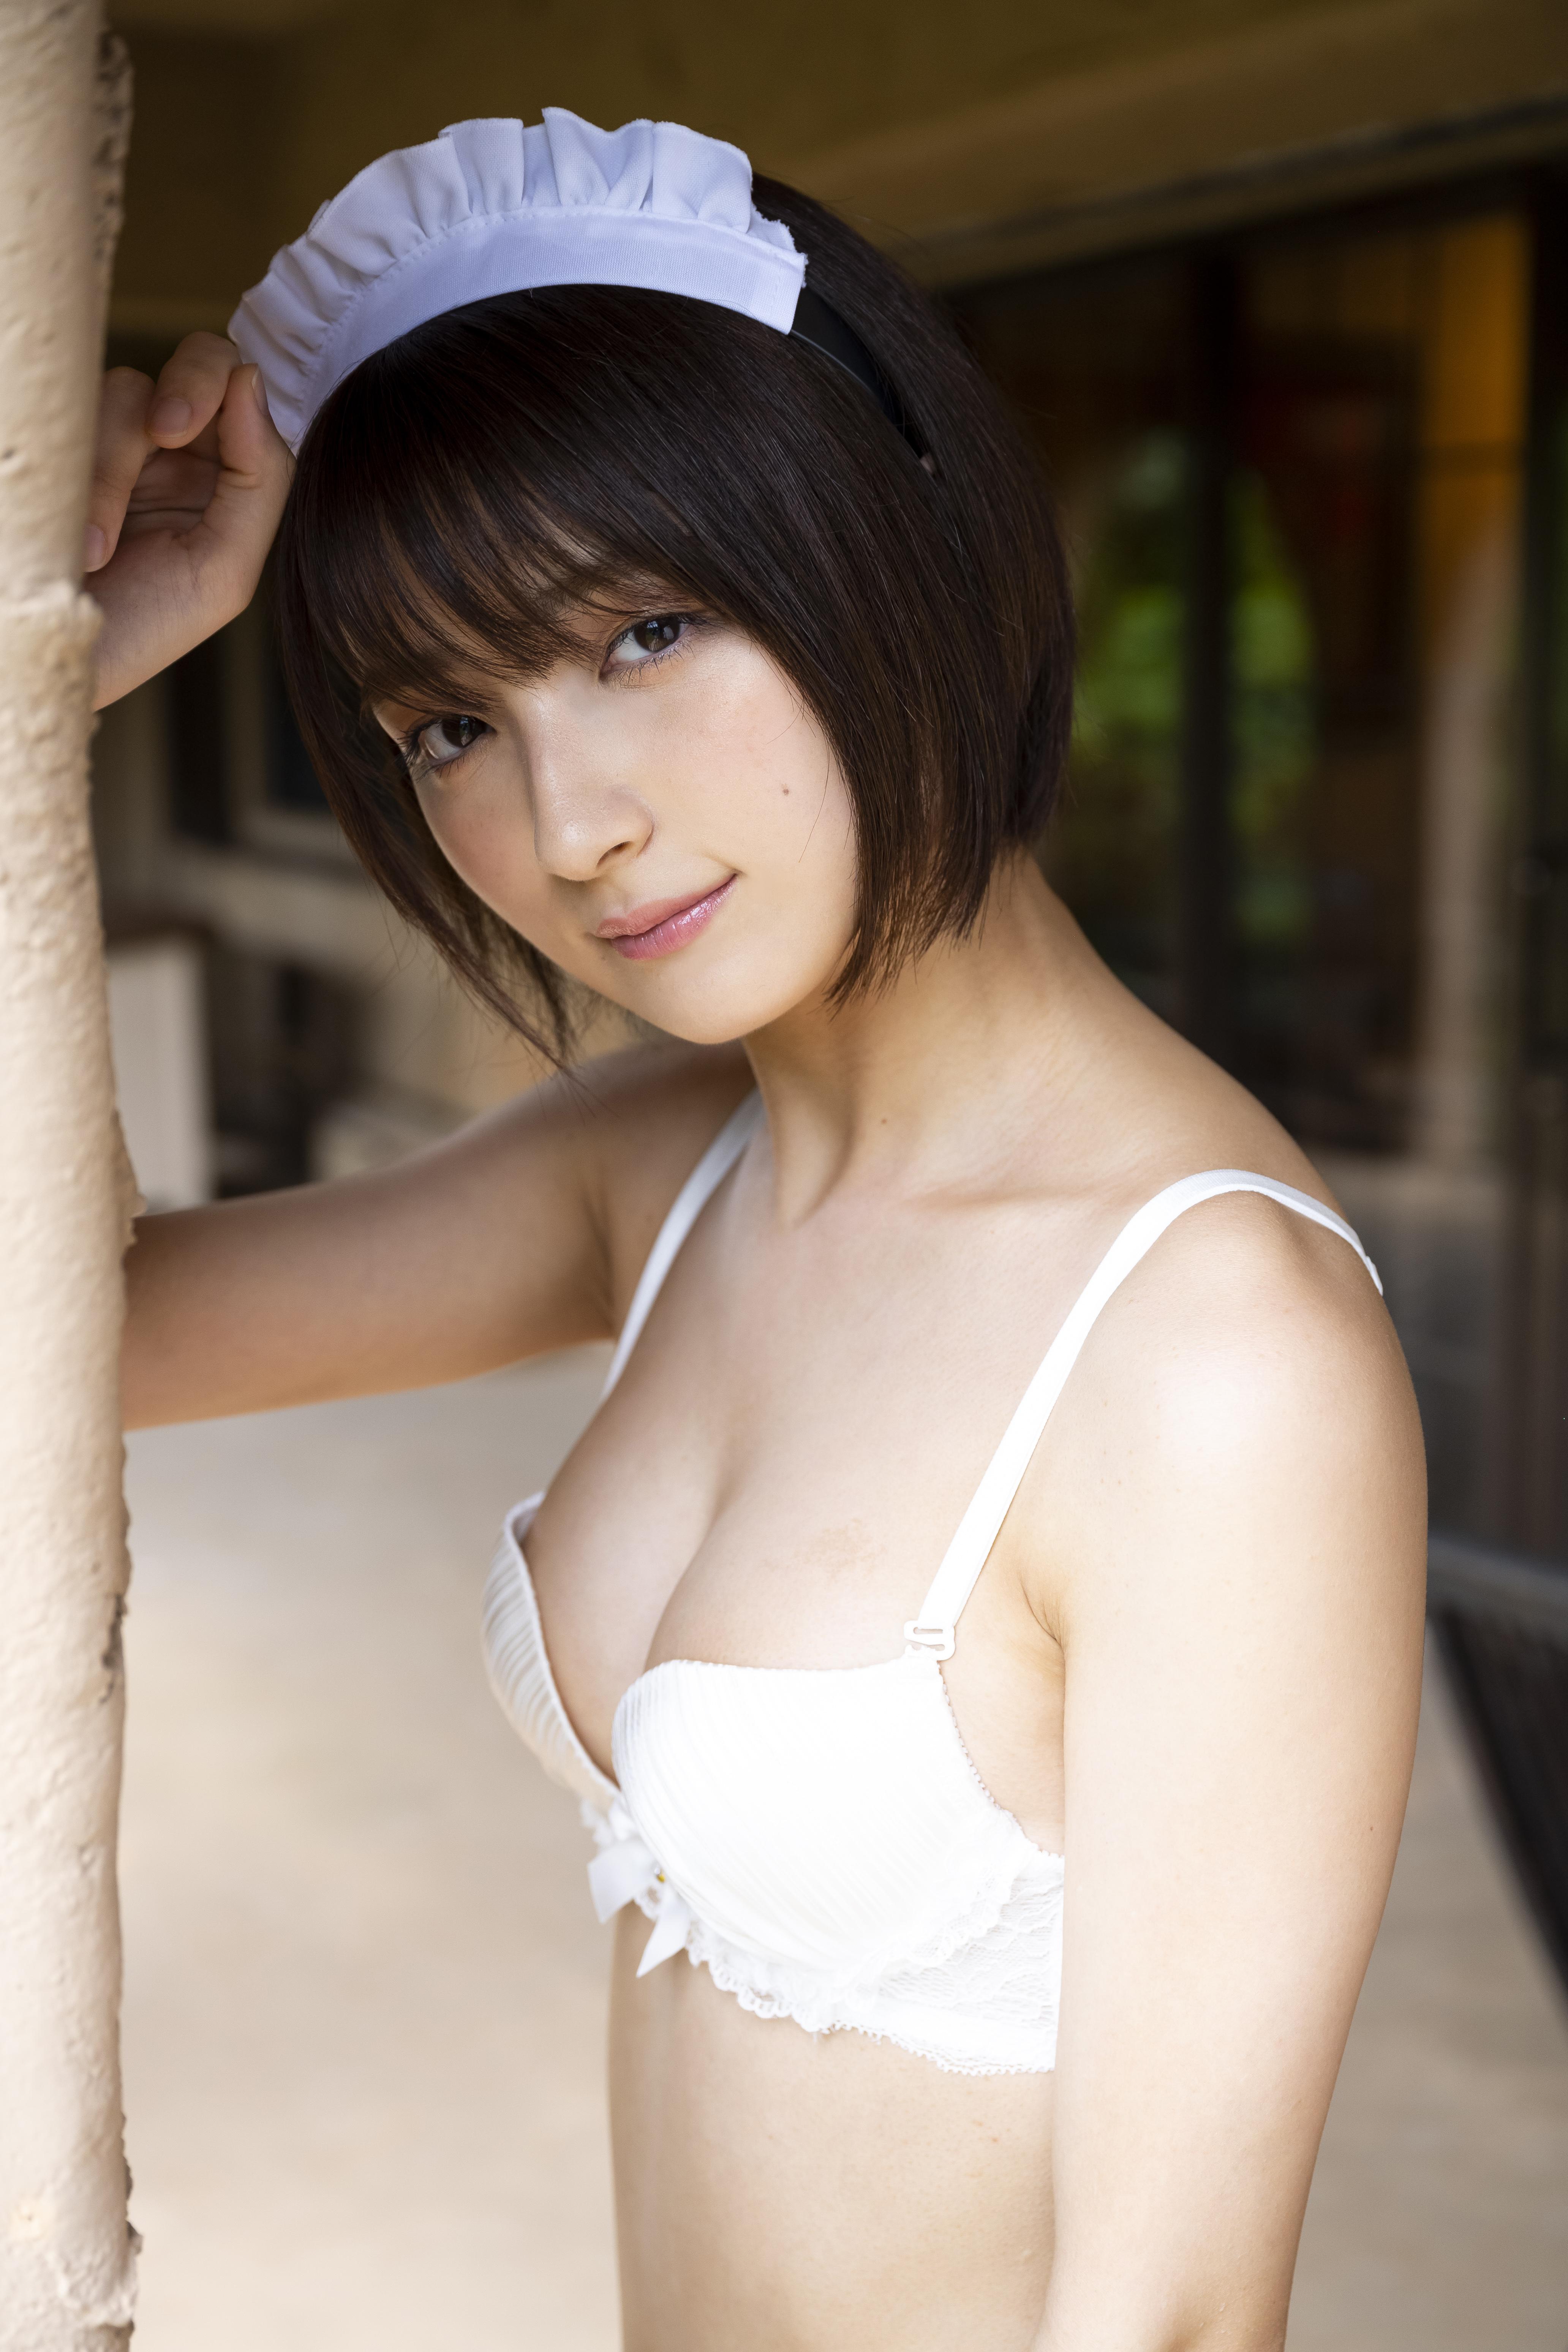 宇佐美彩乃 「君が好きです」